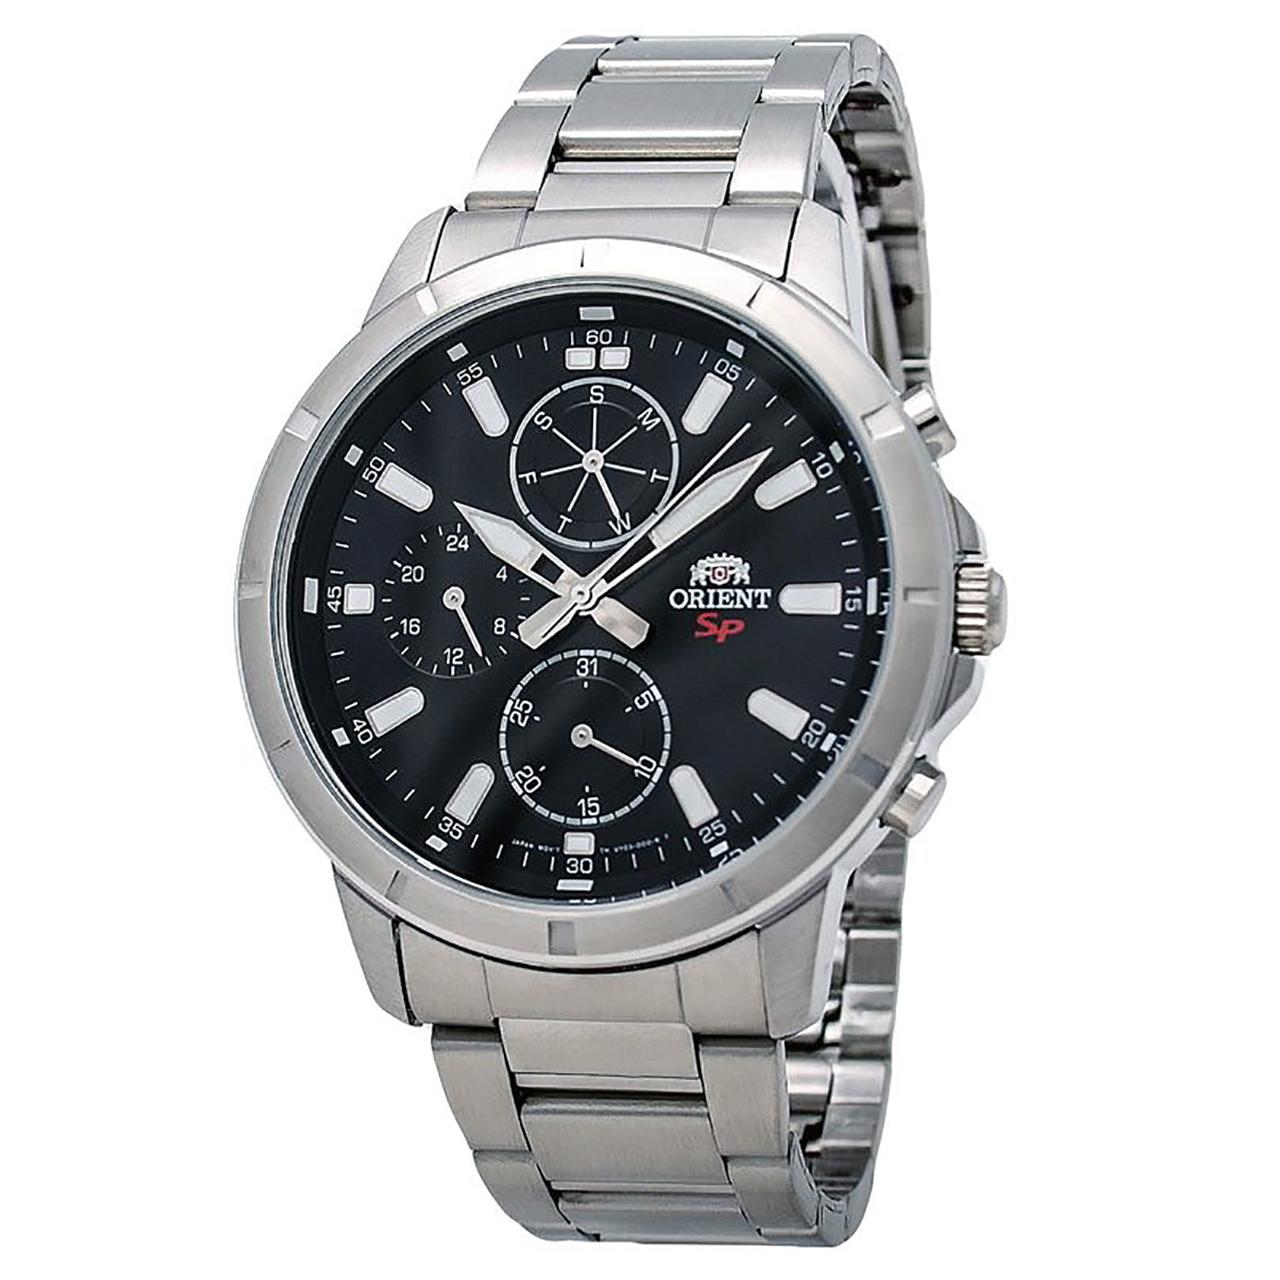 ساعت مچی عقربه ای مردانه  اورینت مدل SUY03001B0 39